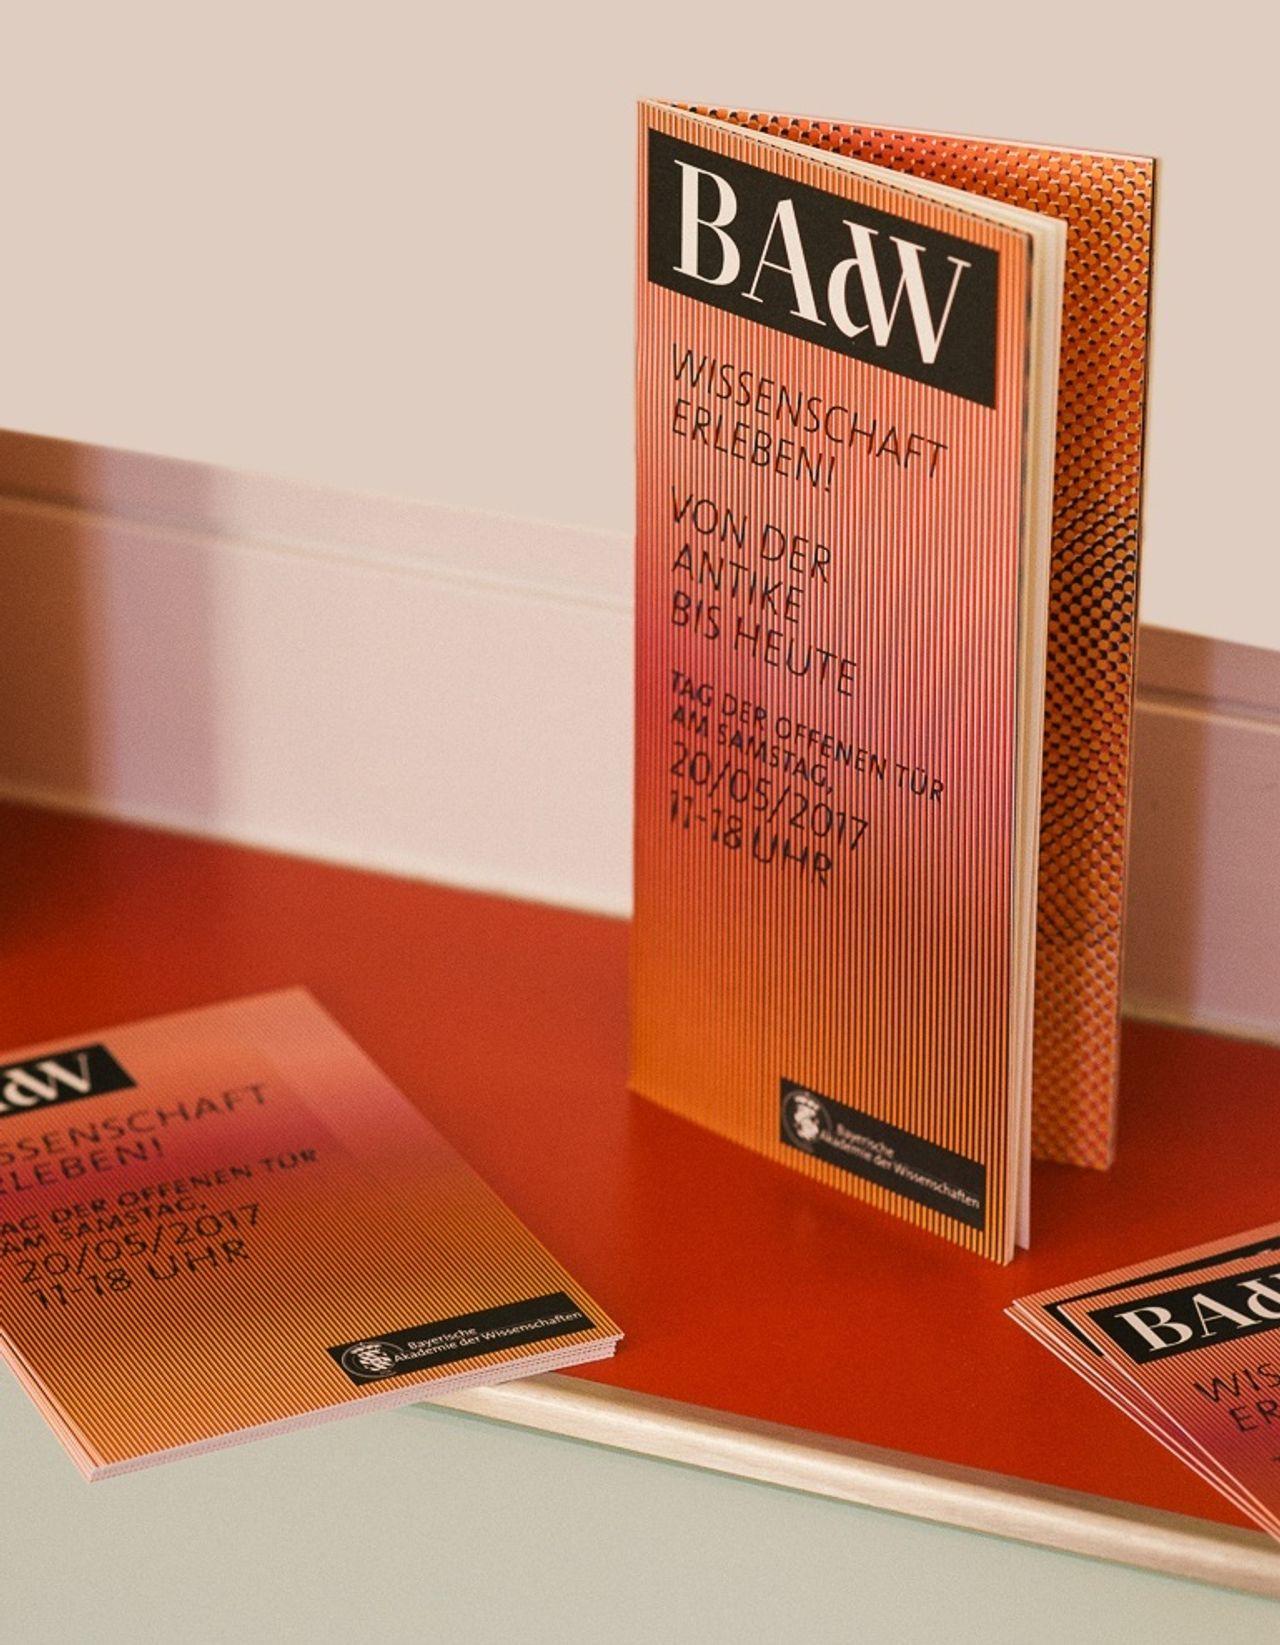 BAdW, Open-door day, Studio Umlaut